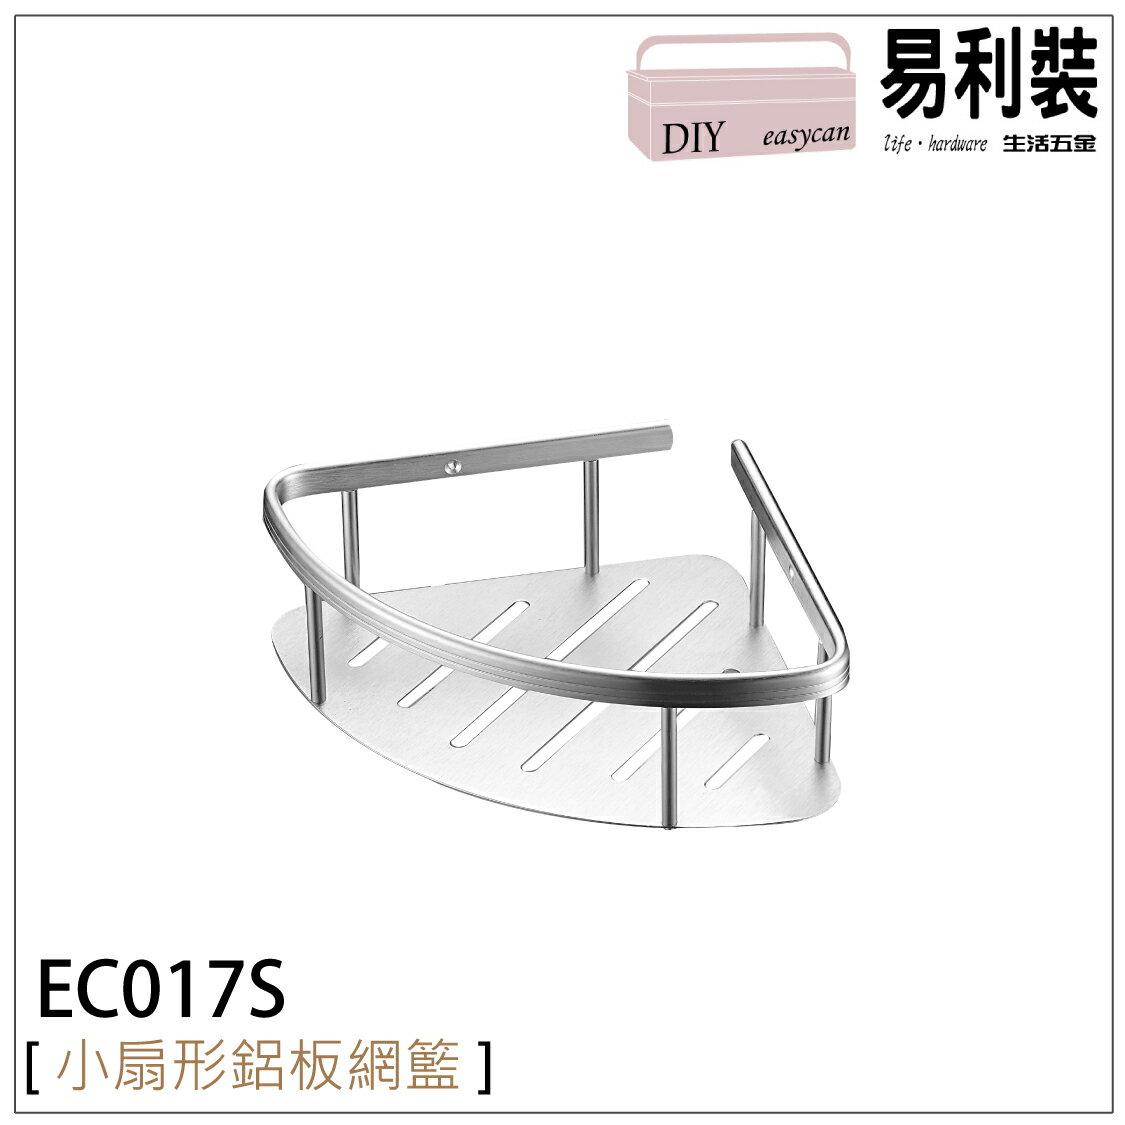 【 EASYCAN  】EC017S 小扇形鋁板網籃 易利裝生活五金 鋁合金 置物架 收納架 轉角架 廚房 餐廳 房間 浴室 小資族